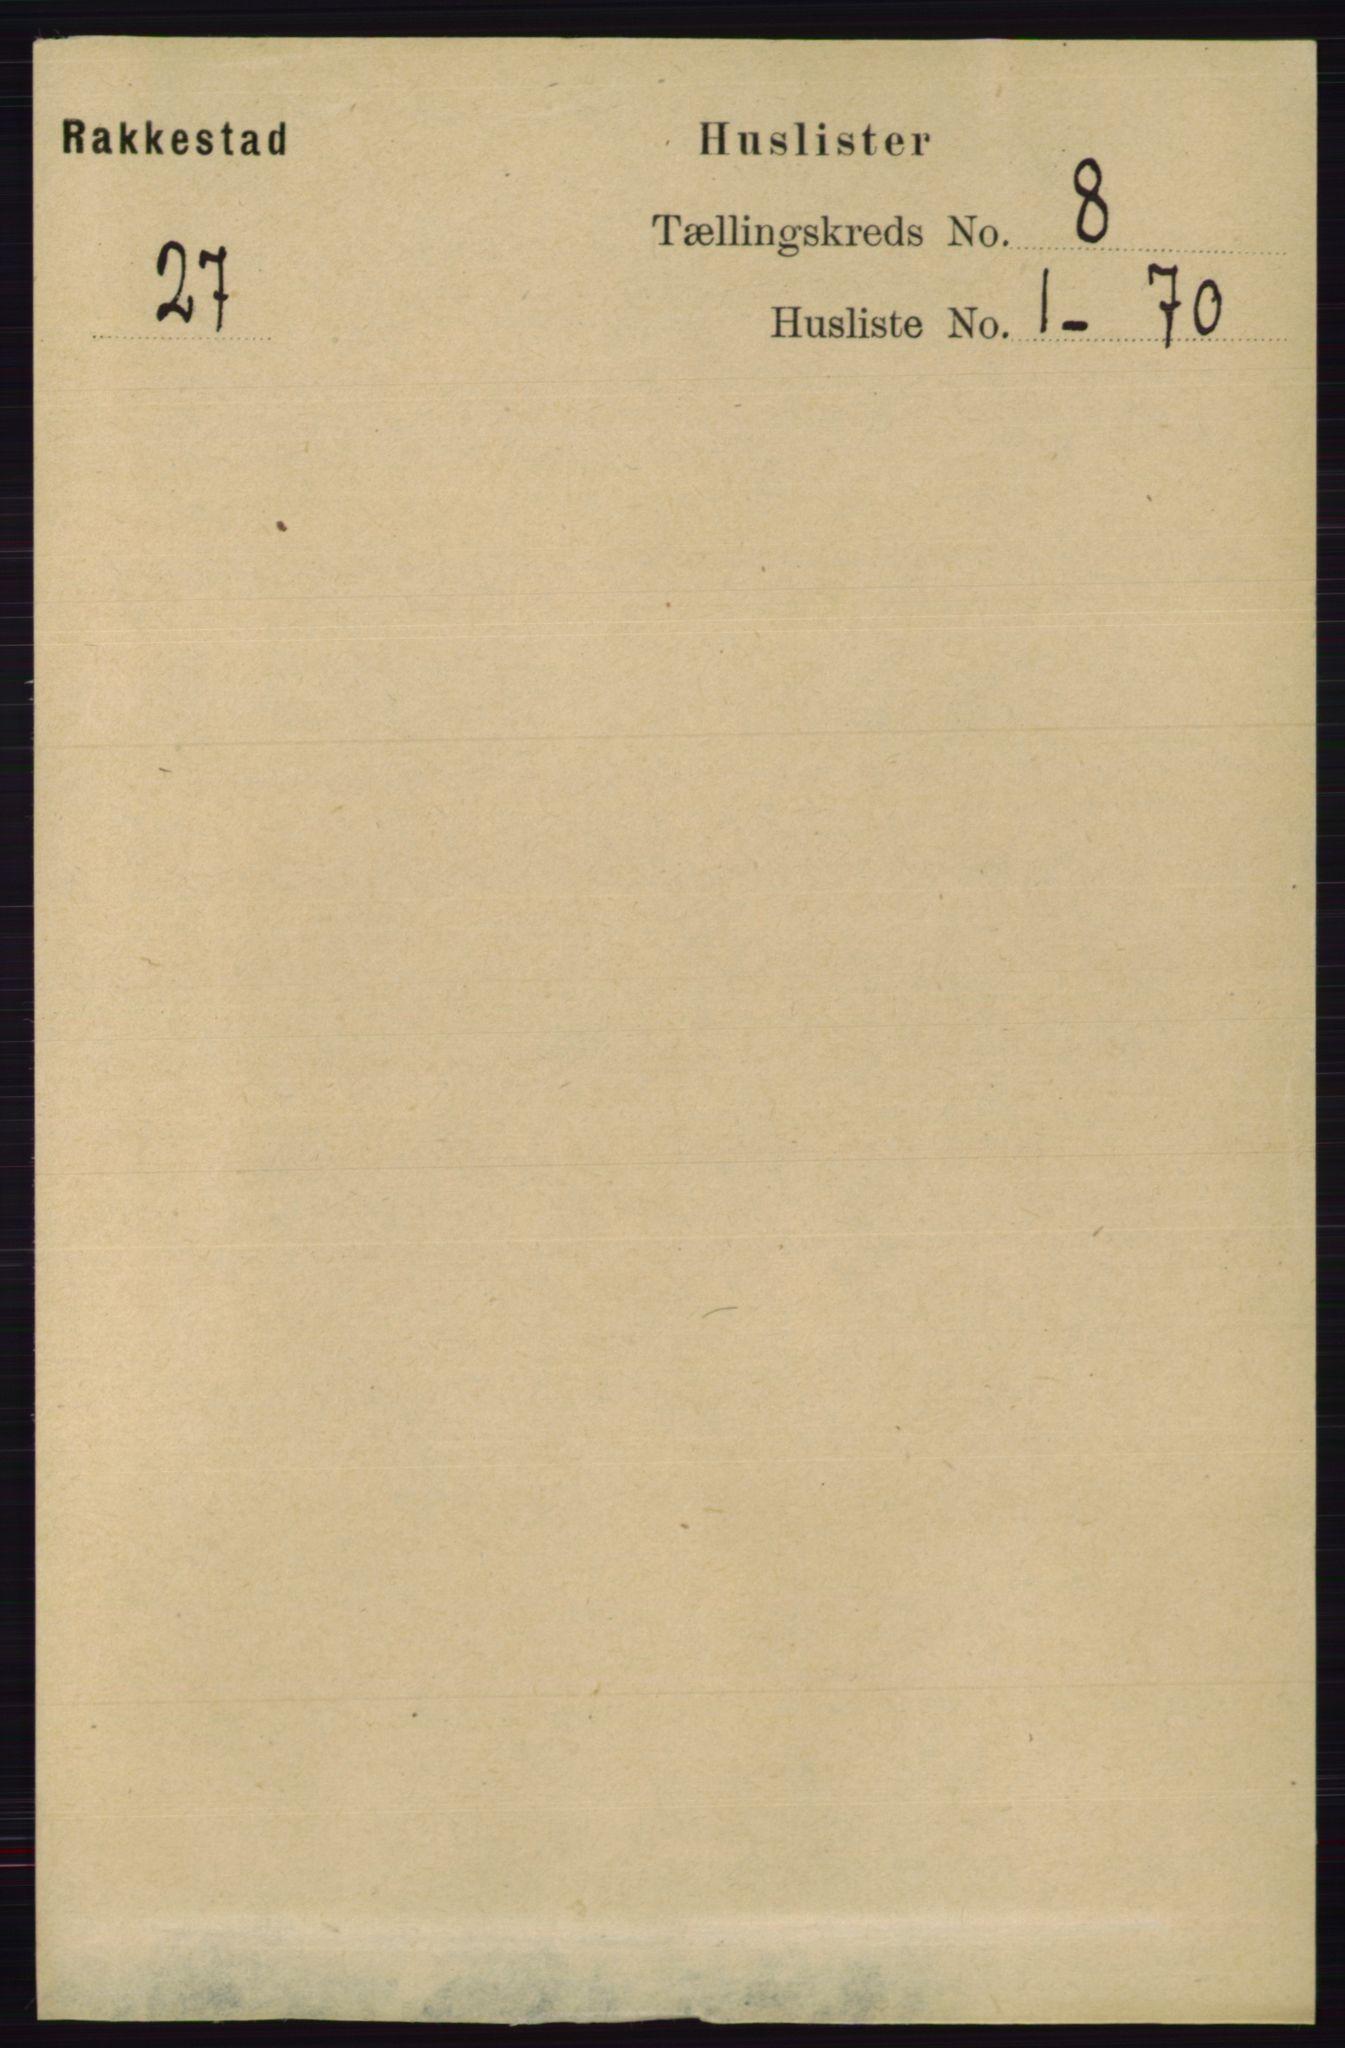 RA, Folketelling 1891 for 0128 Rakkestad herred, 1891, s. 3555